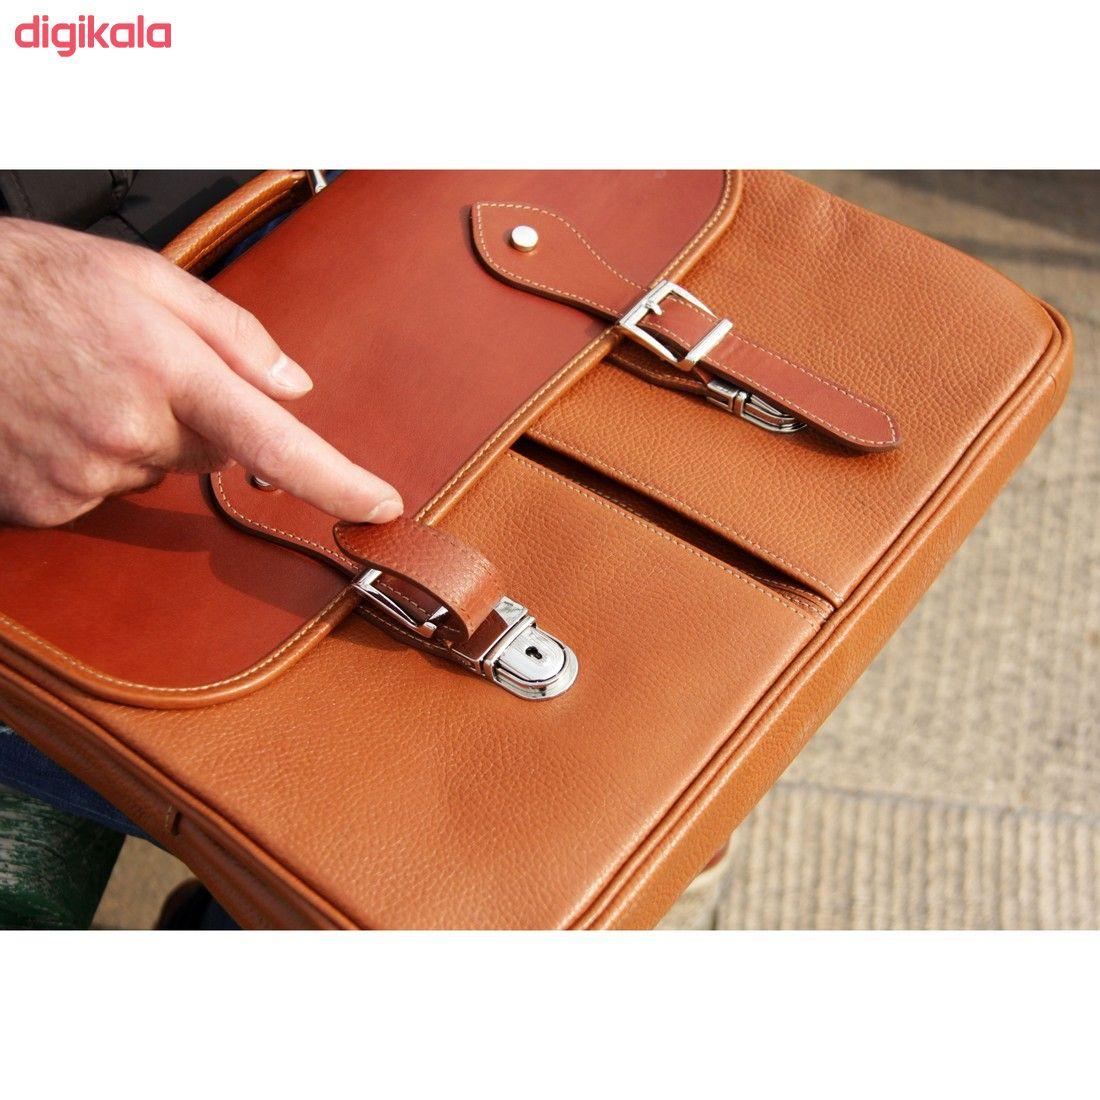 کیف اداری مردانه چرم بیسراک مدل مارال کد Ed-502 main 1 10